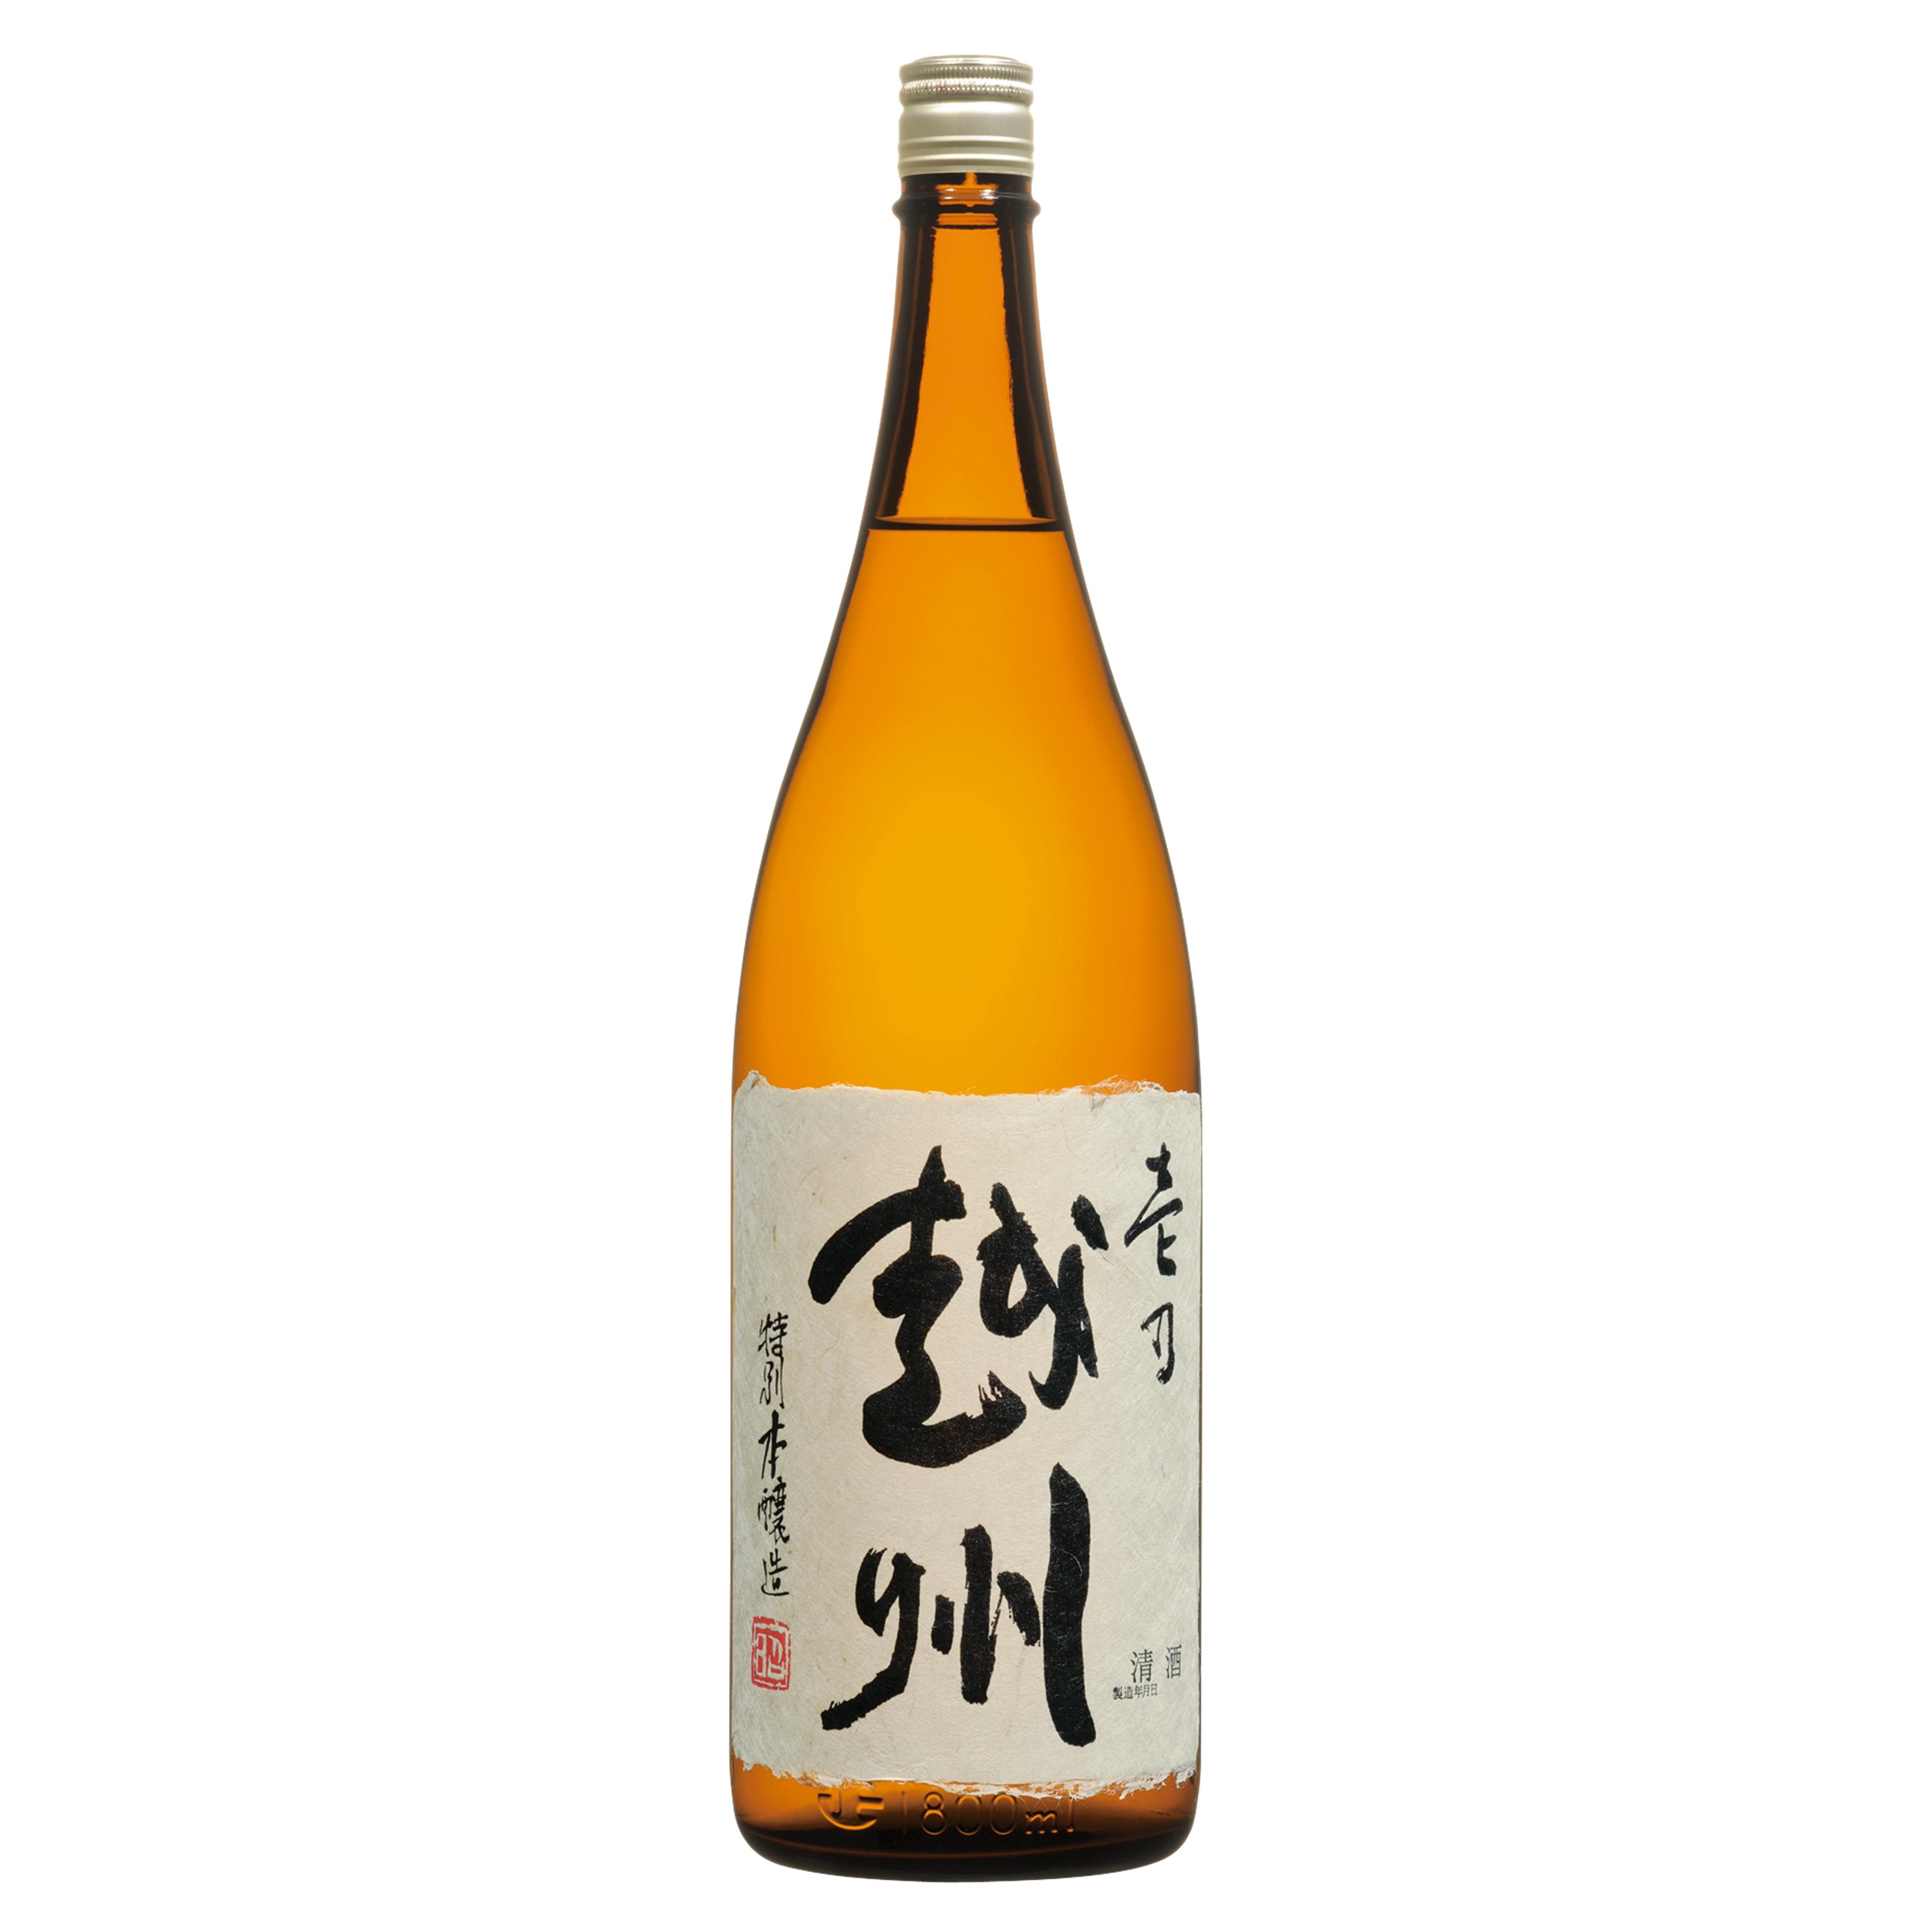 壱乃越州 特別本醸造